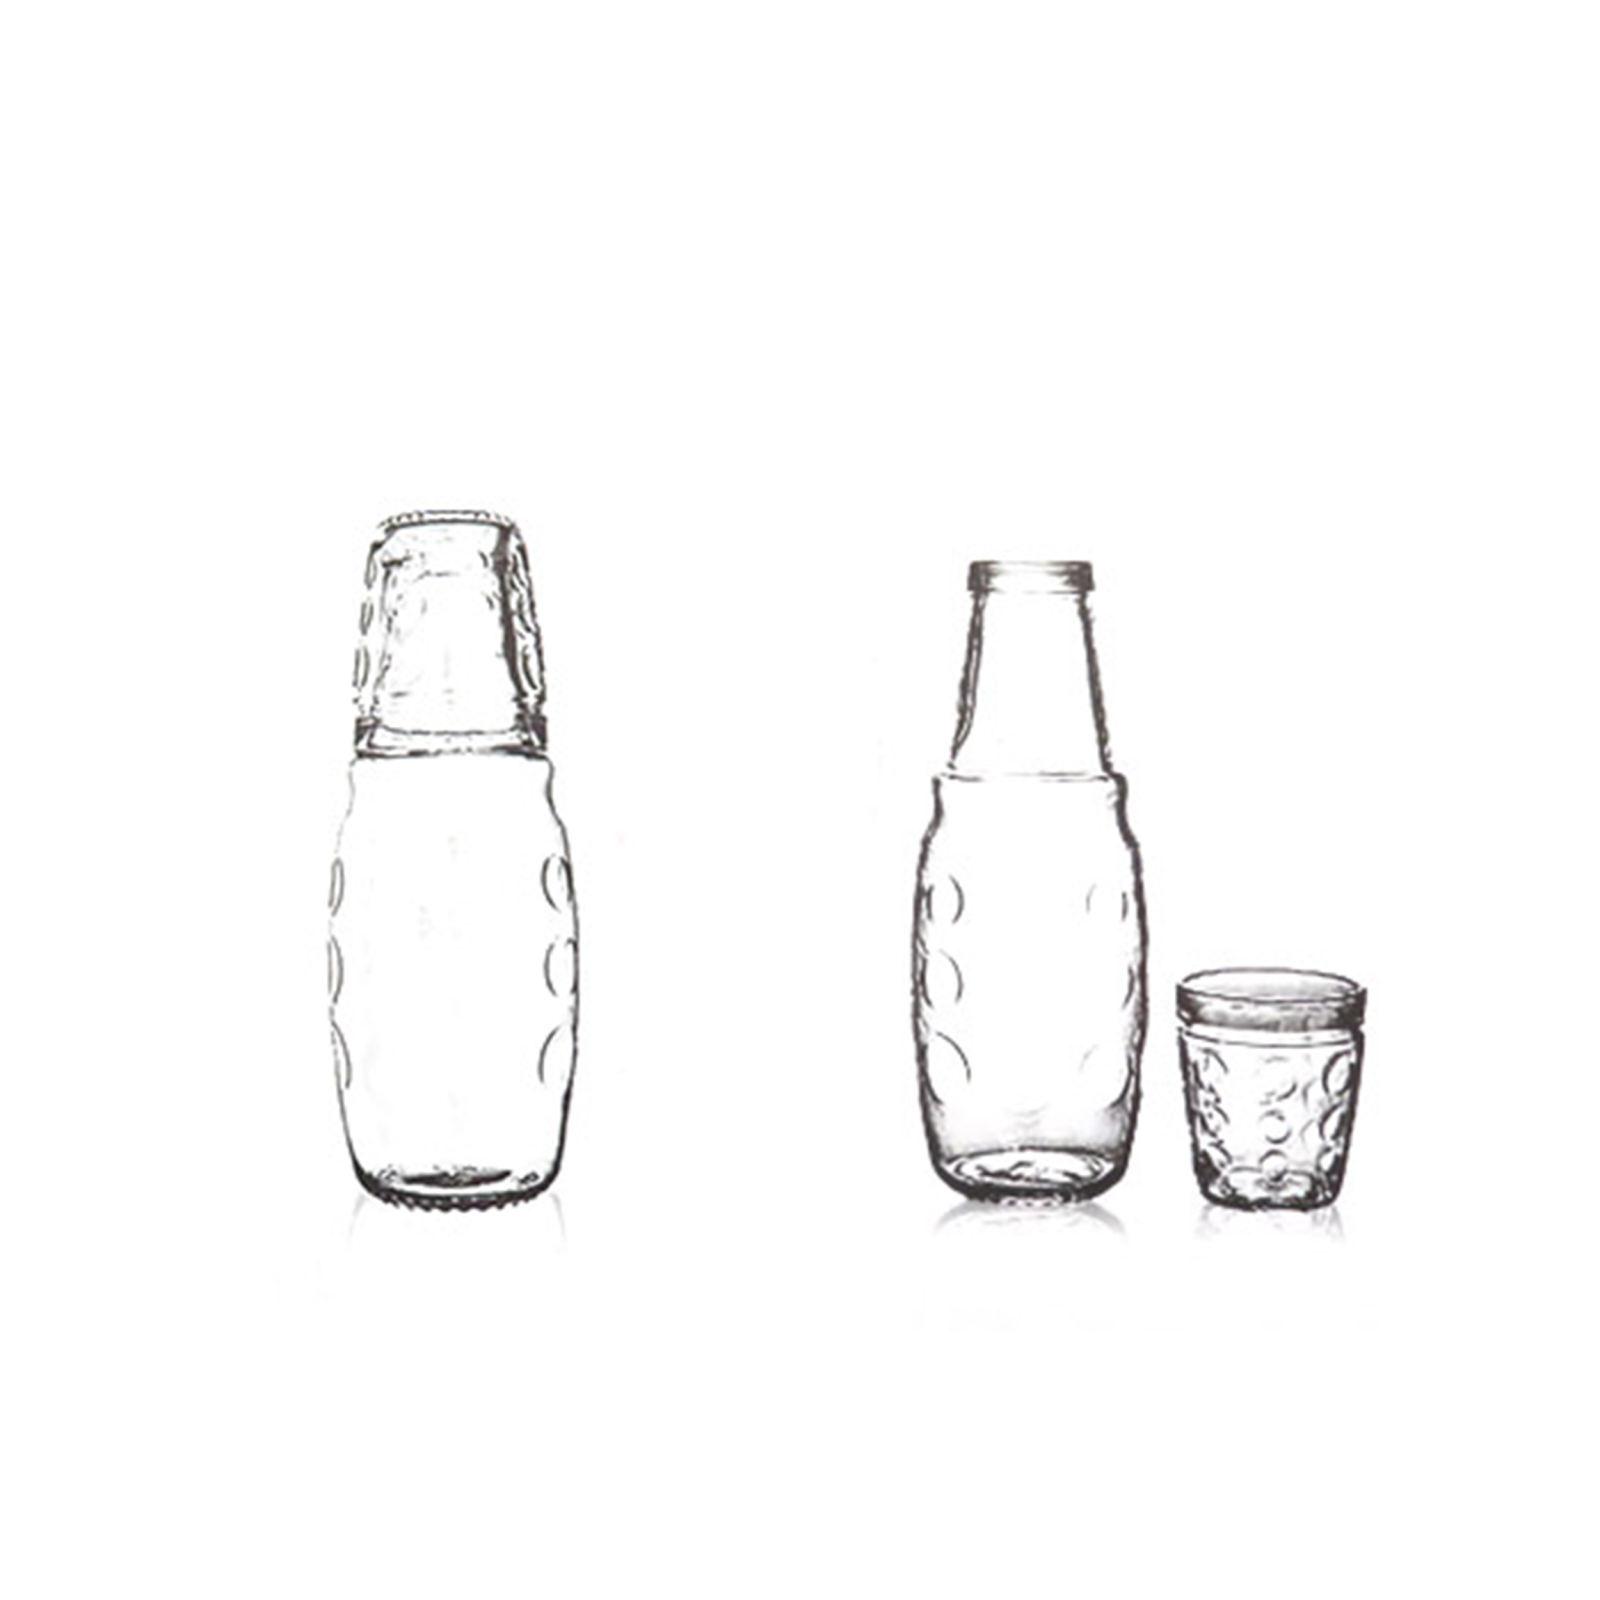 سرویس پارچ و لیوان 2 پارچه مدل Elegant کد 1